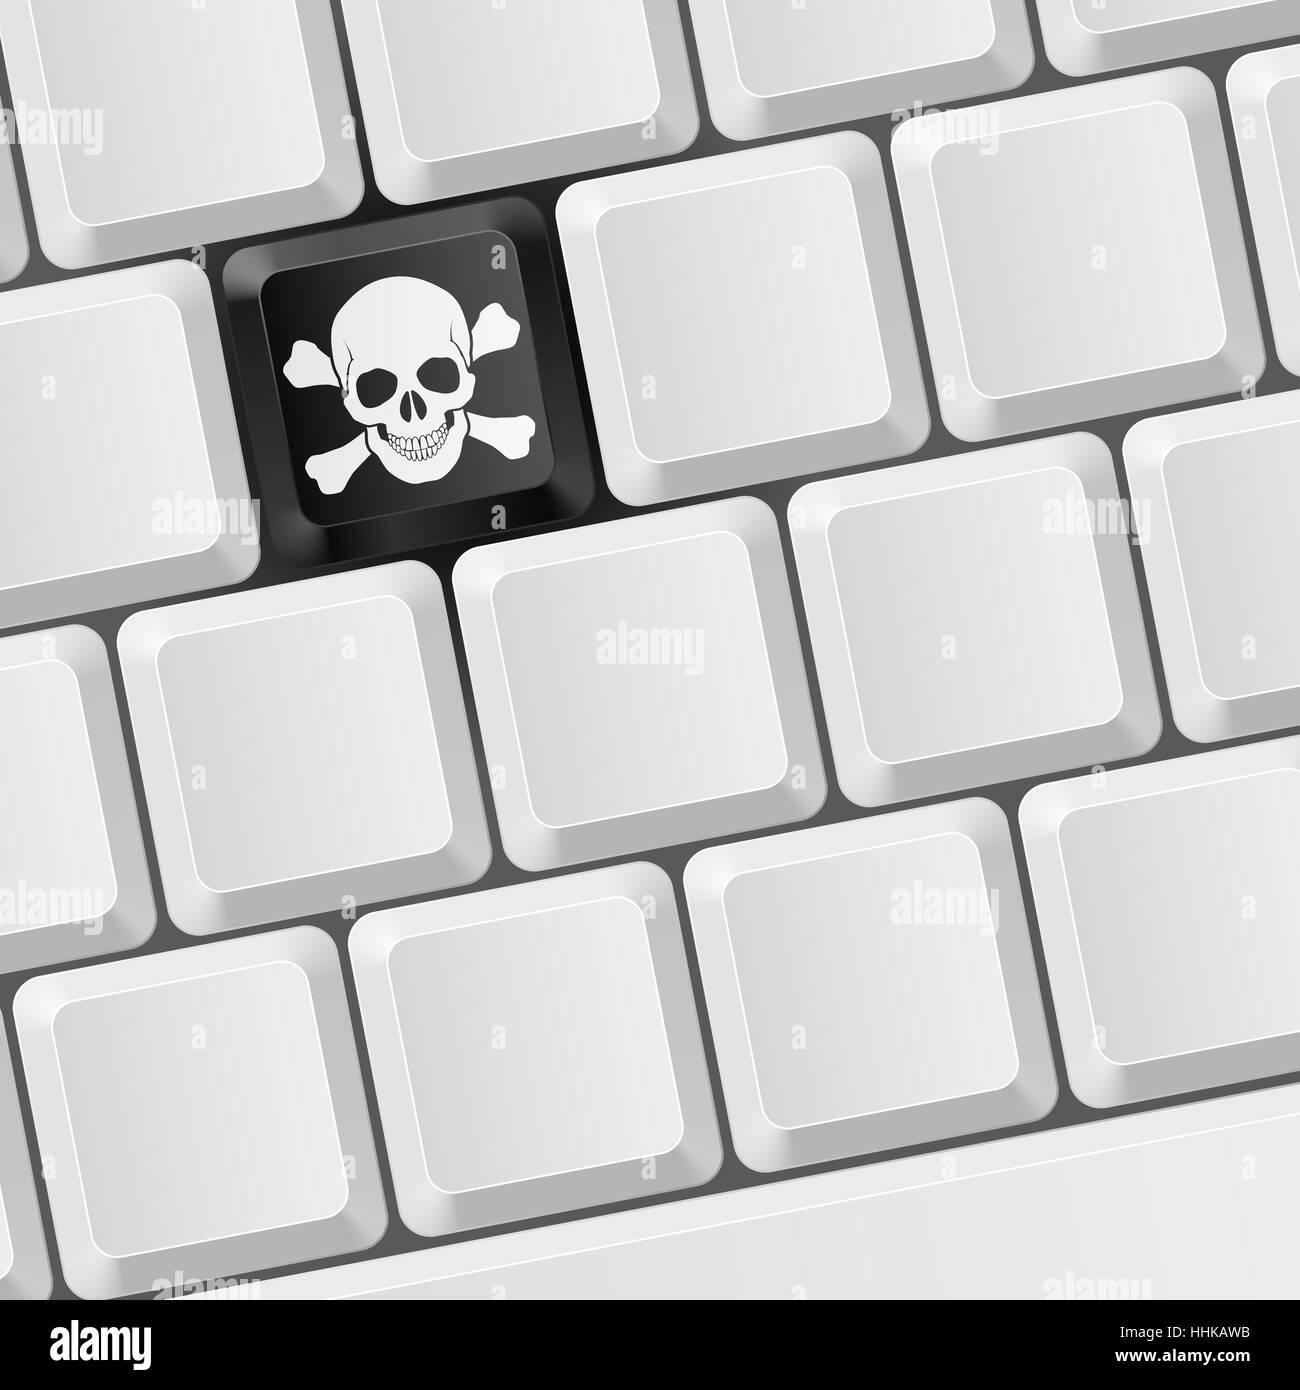 danger office keyboard pc